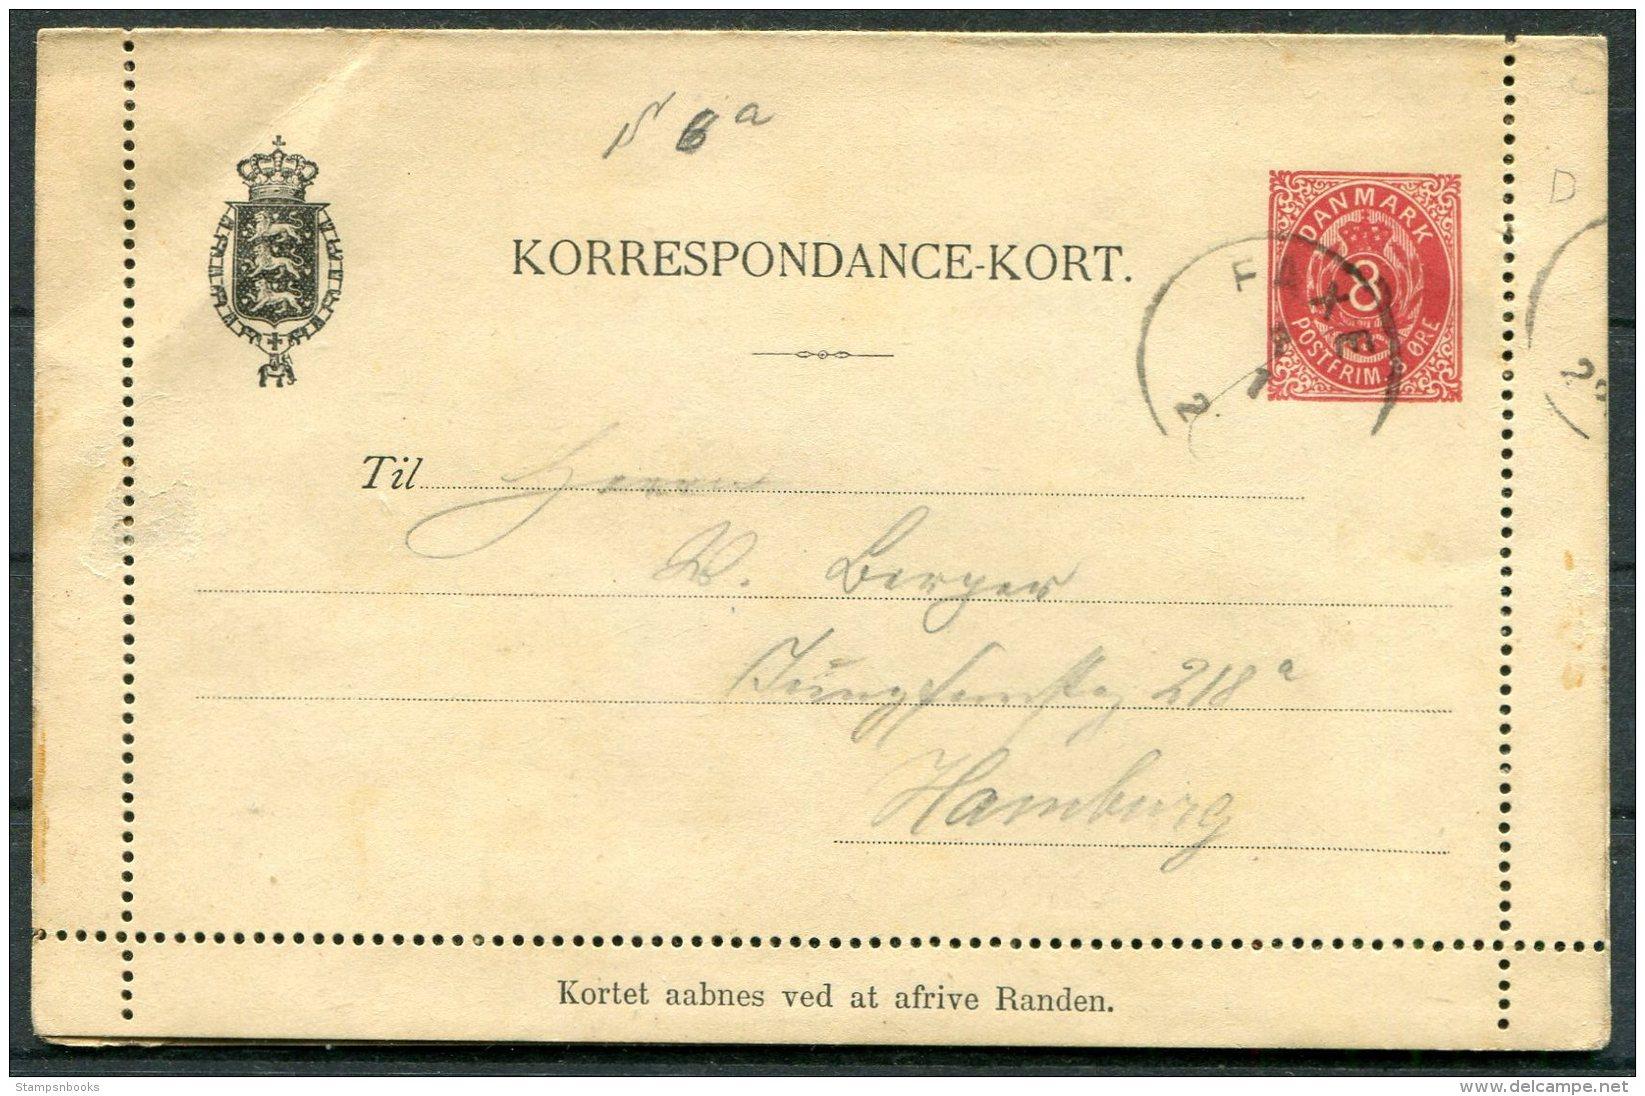 Denmark 8 Ore Stationery Lettercard / Korrespondance-Kort Faxe - 1864-04 (Christian IX)